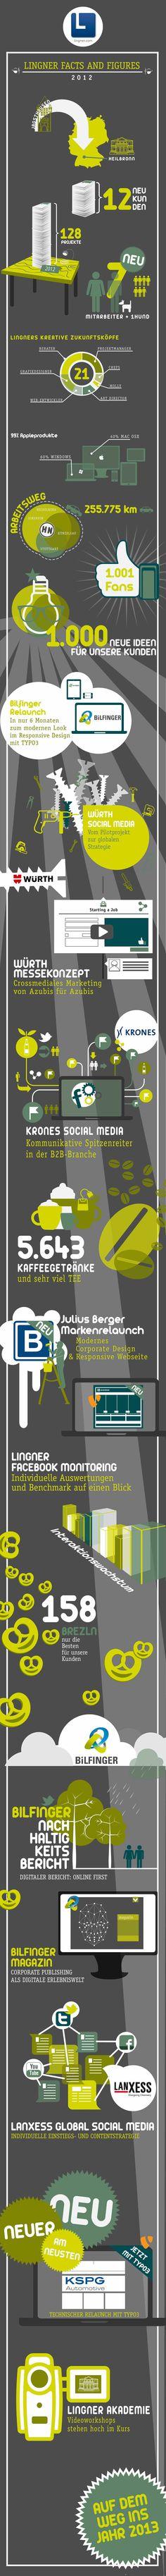 Lingner Facts and Figures 2012 #infografik